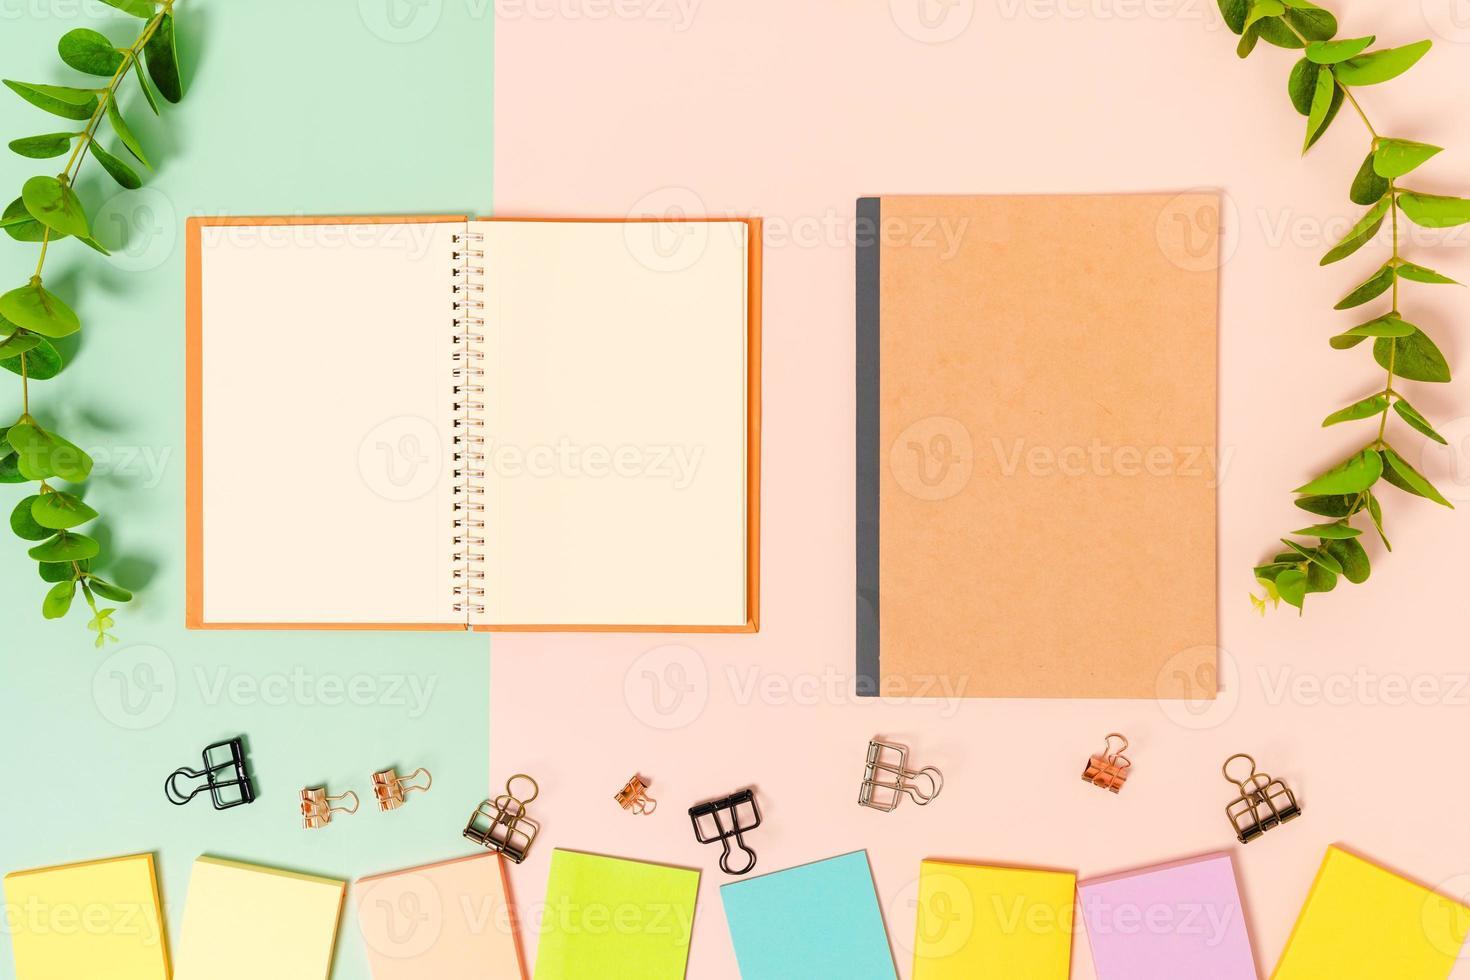 creatieve platliggende foto van een werkruimtebureau. bovenaanzicht bureau met zelfklevende notitie en open mockup zwart notitieboekje op pastel groen roze kleur achtergrond. bovenaanzicht mock-up met kopieerruimtefotografie.